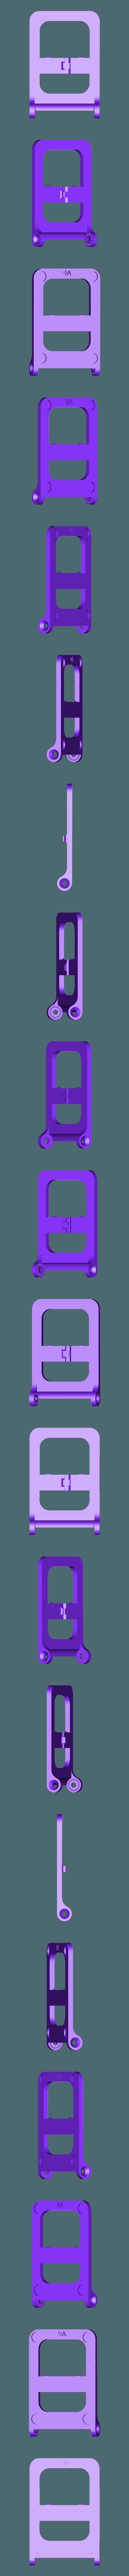 Adjustable Phone Cradle - Base.stl Télécharger fichier STL gratuit Téléphone / Interrupteur / Petit berceau de tablette • Design pour impression 3D, ScubaScott